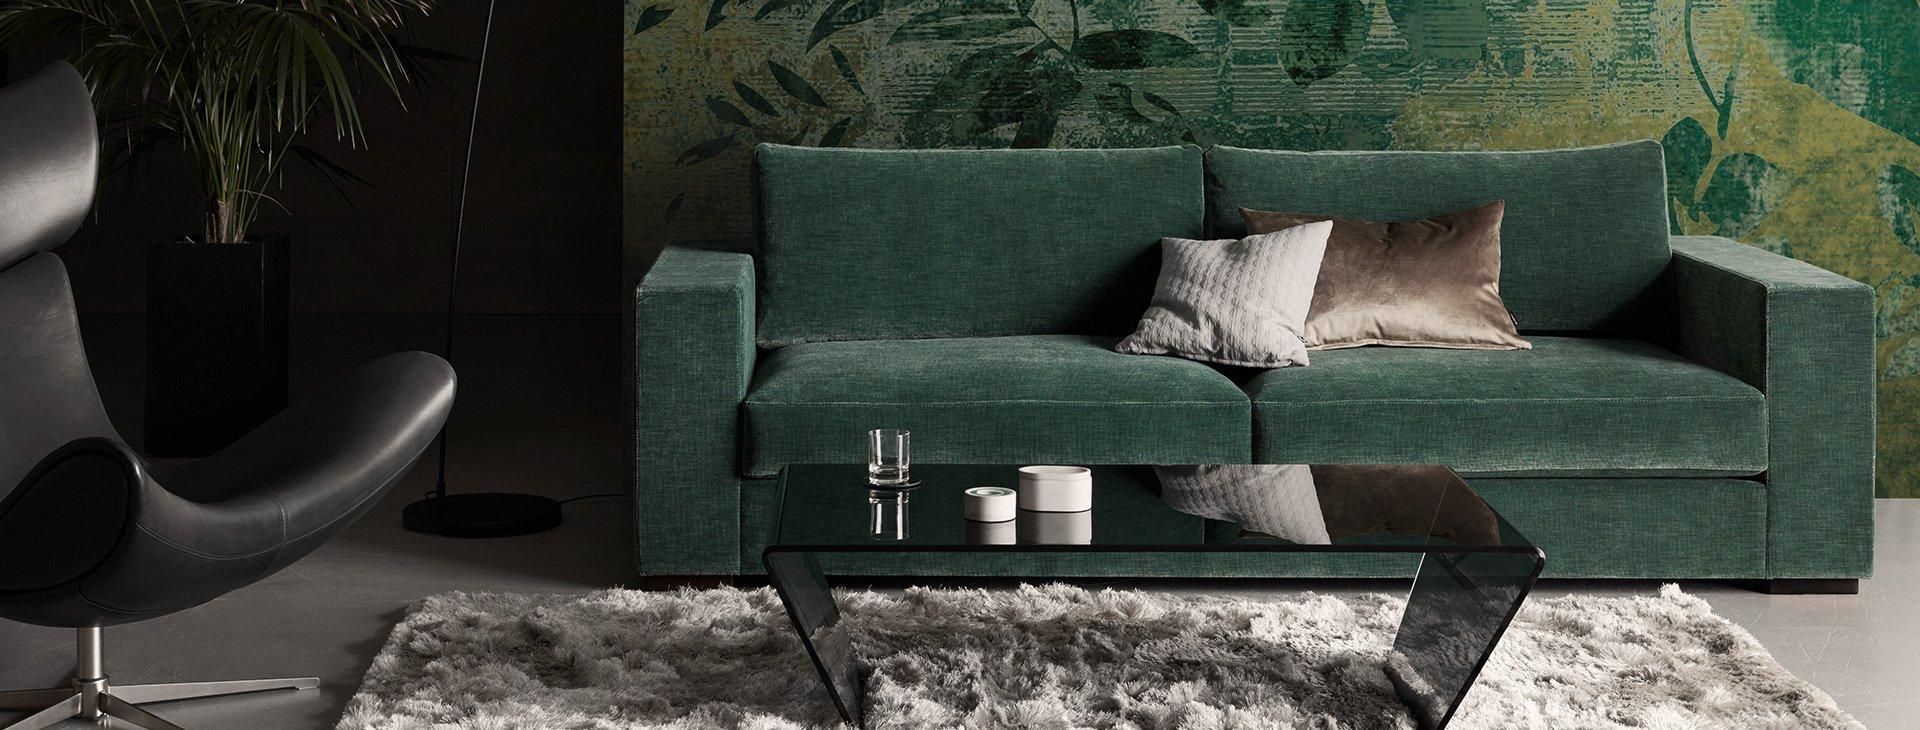 boconcept berlin michael schade branka blasius im gespr ch stilwerk news. Black Bedroom Furniture Sets. Home Design Ideas